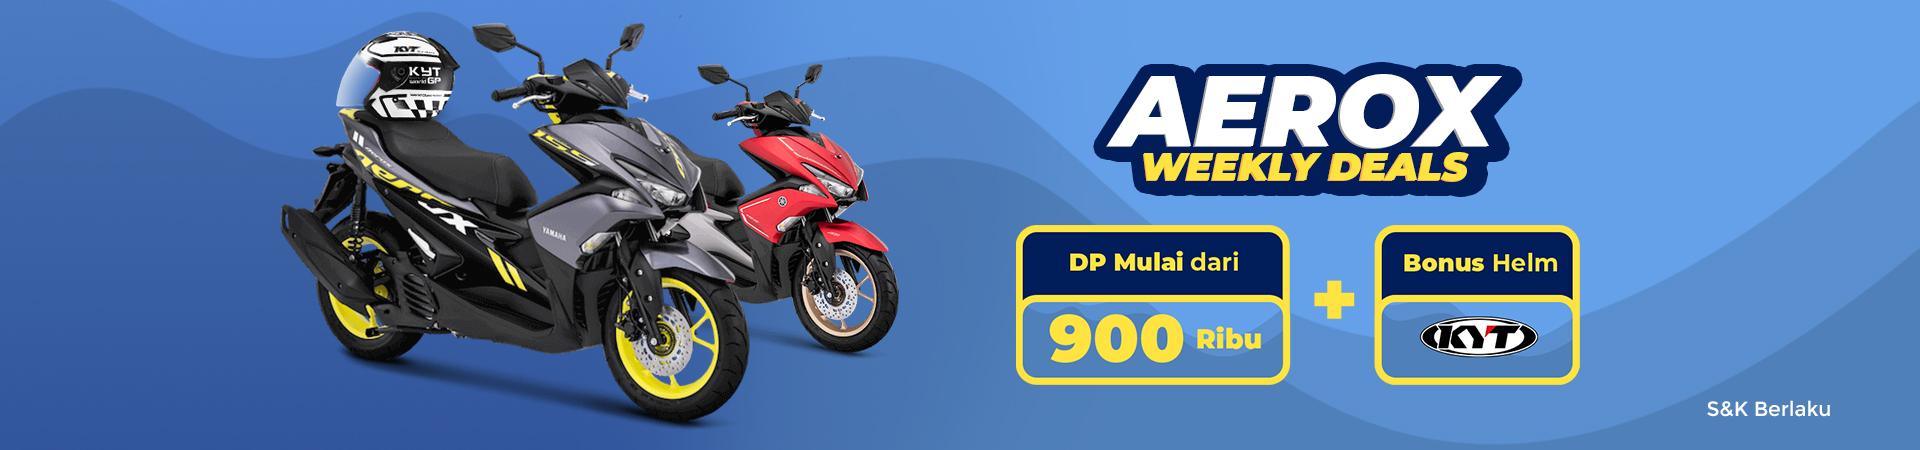 Aerox Weekly Deals! DP Mulai Dari 900 Ribu Plus Gratis Helm KYT